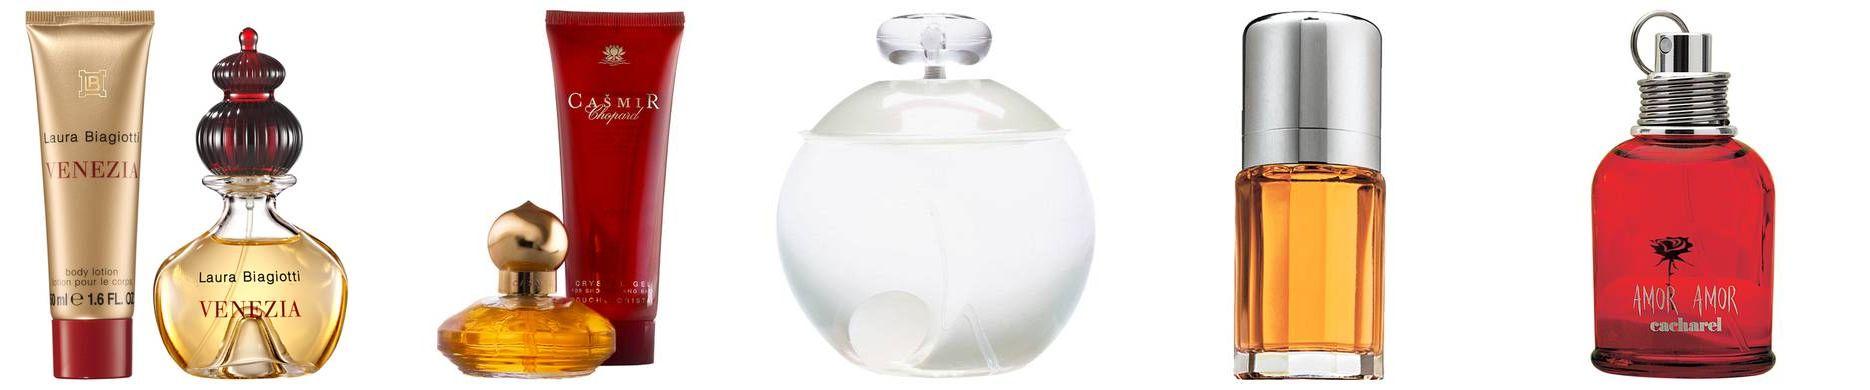 parfum_galeria